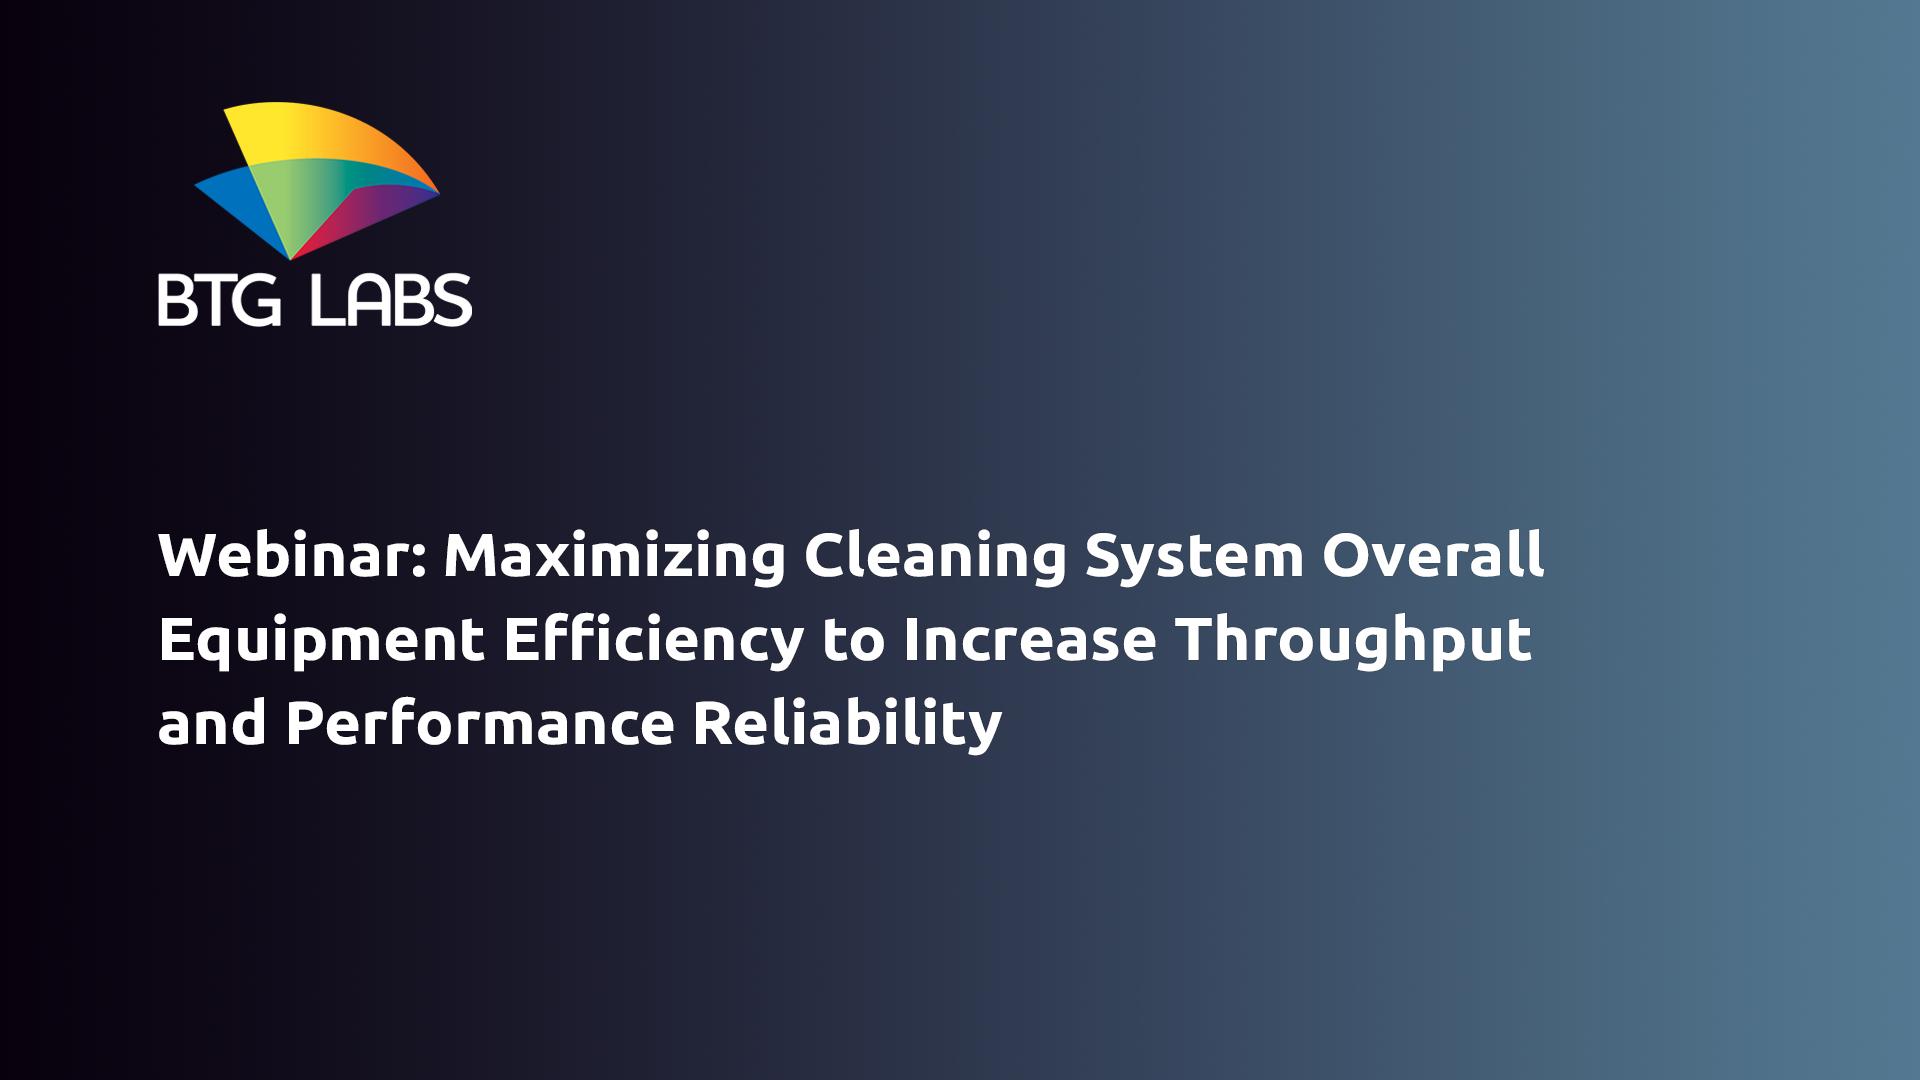 最大化 - 清洁系统 - 整体设备 - 效率增加通量 - 性能 -  Relia